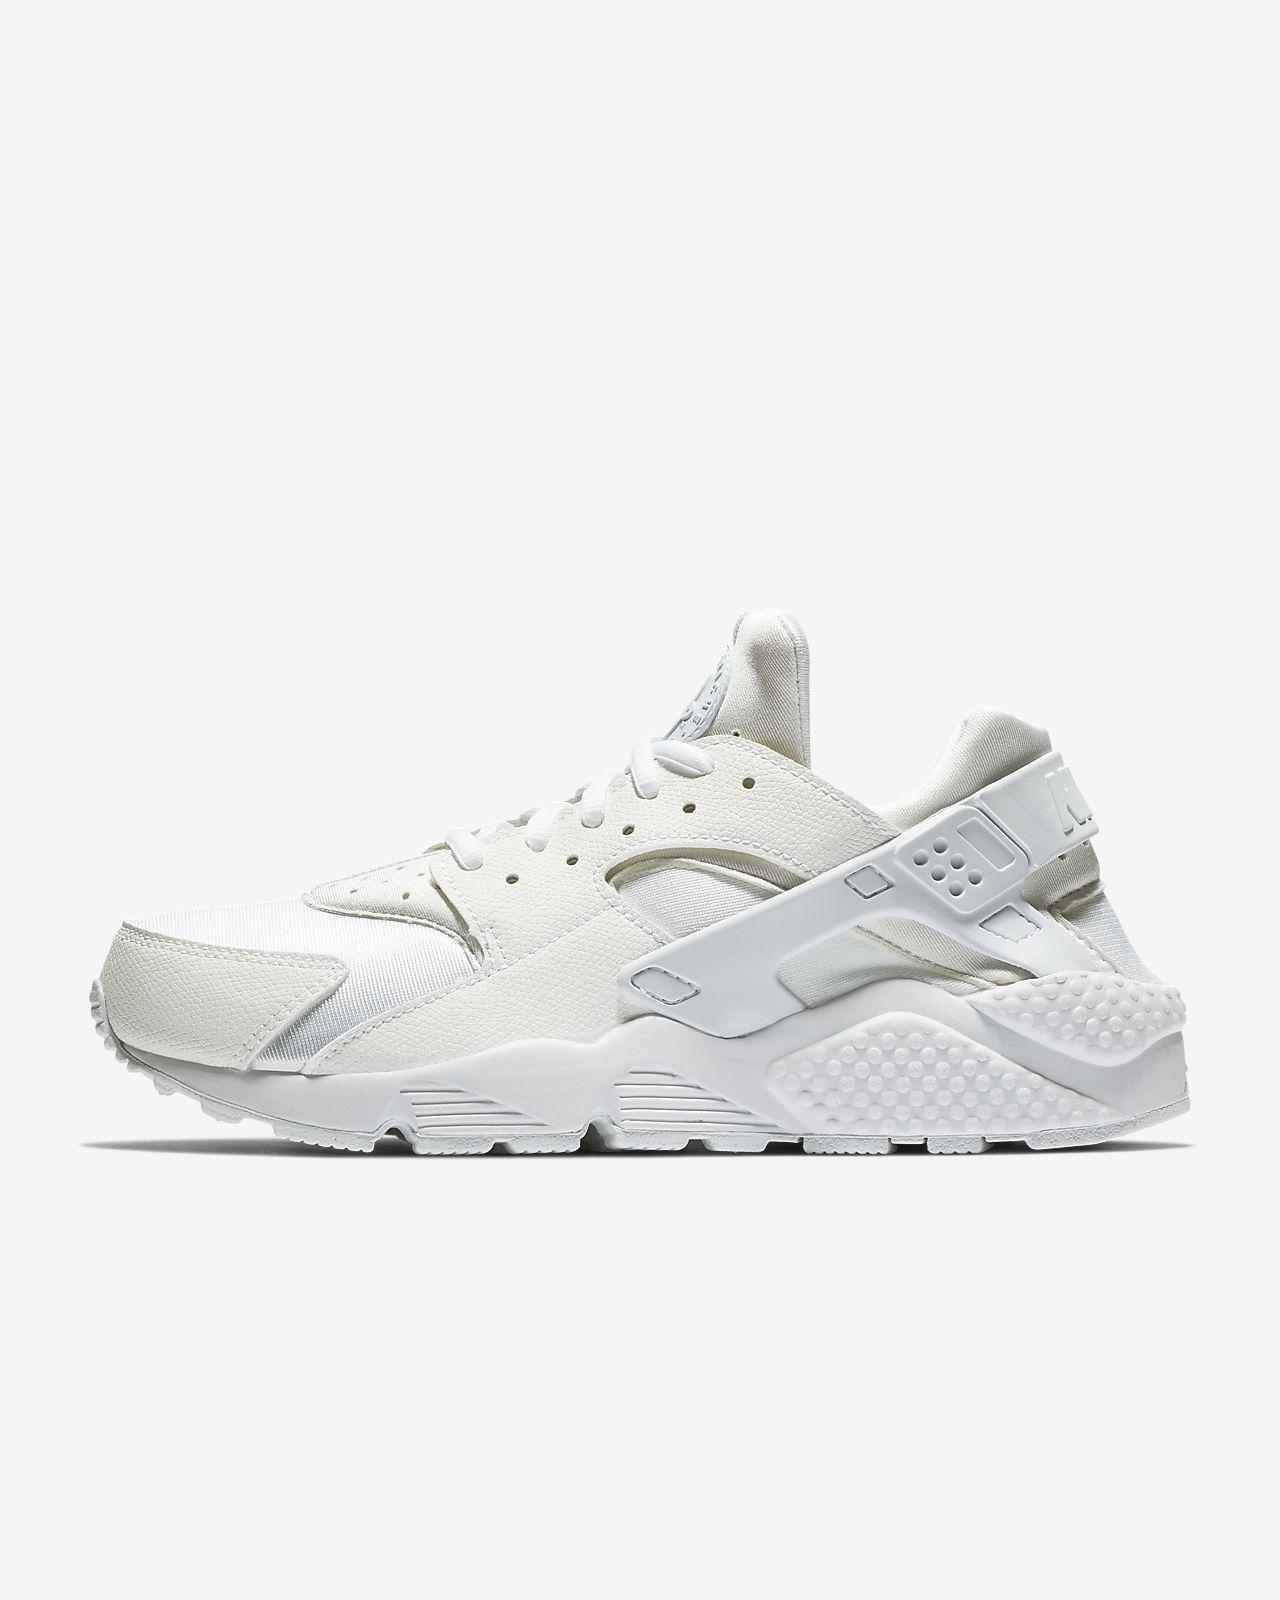 Nike Air Huarache Damenschuh